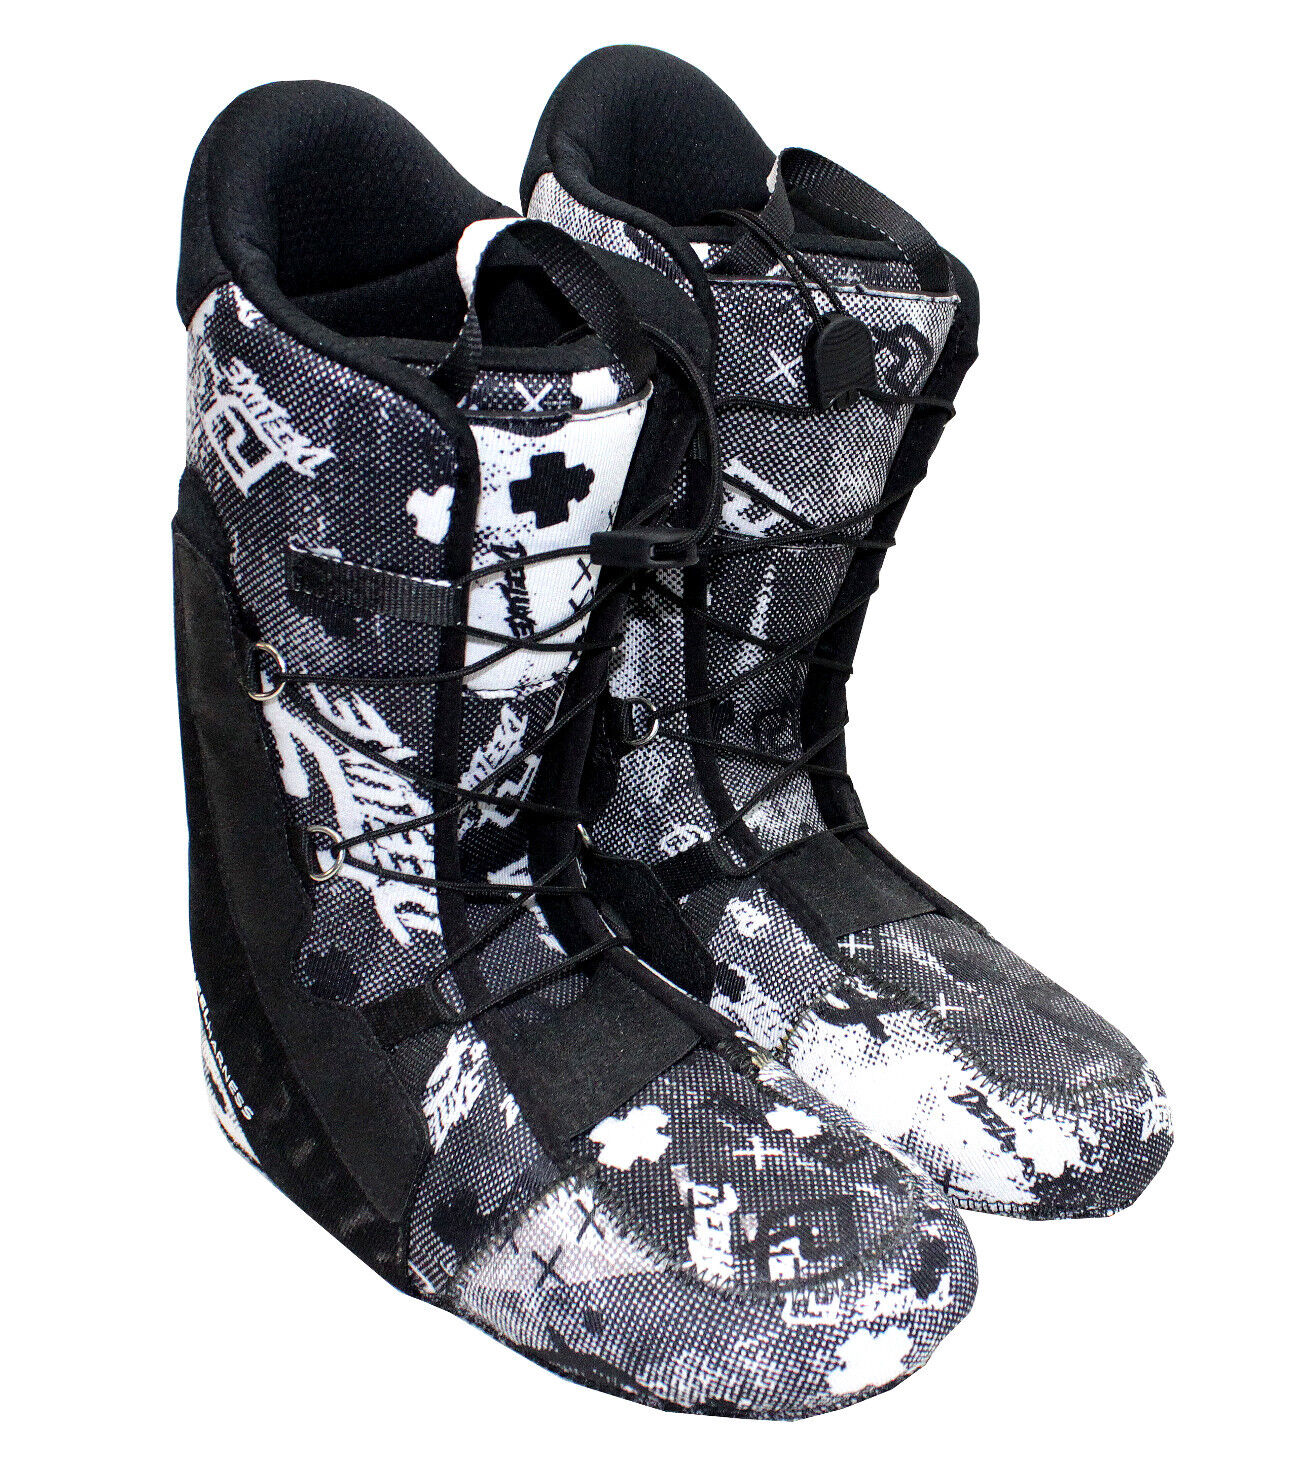 Innenschuh für HardStiefel - - - SoftStiefel LACER normale Schuh Deelux Raichle Blax UPZ 59e1eb